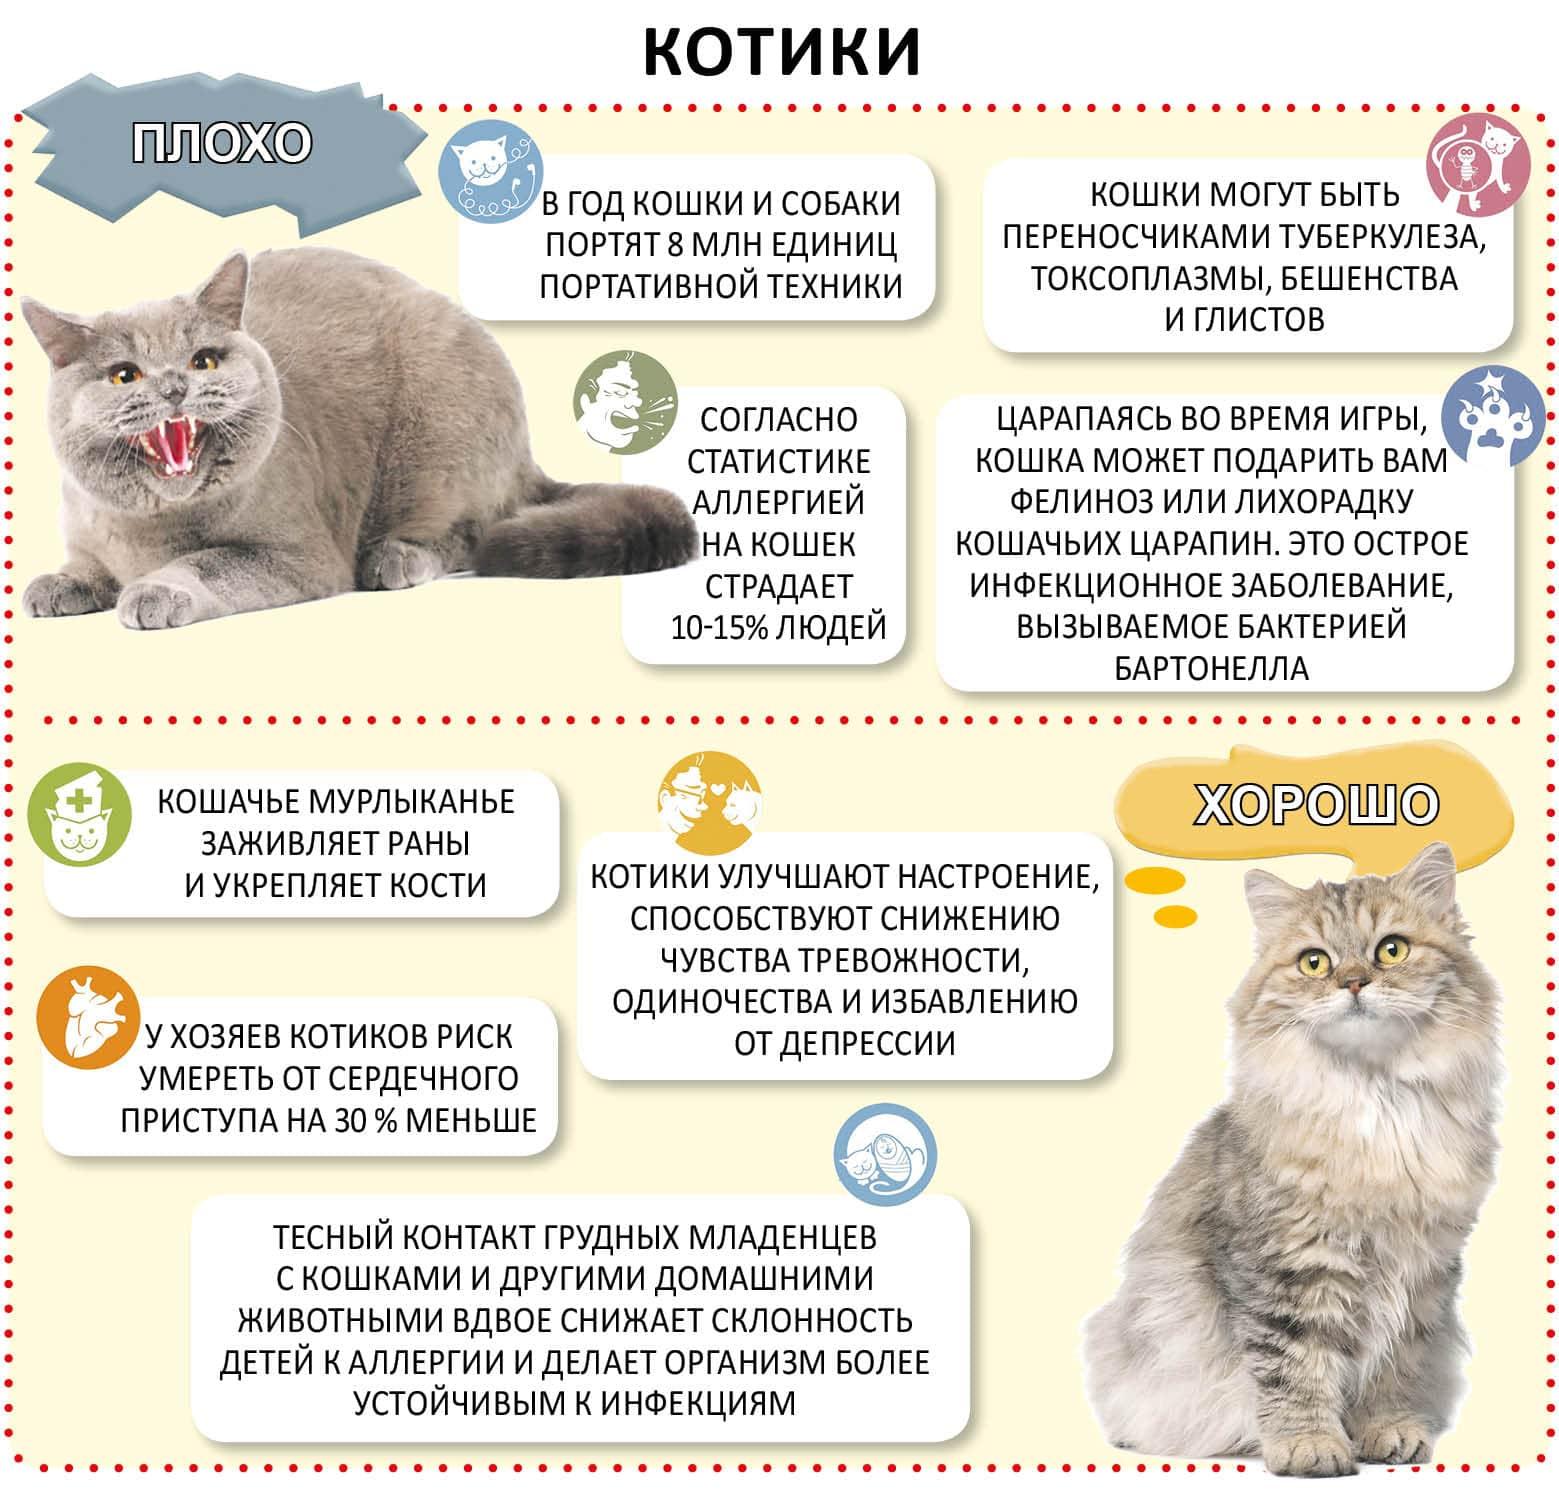 Дневные и недельные графики развития котят после рождения с описанием изменений